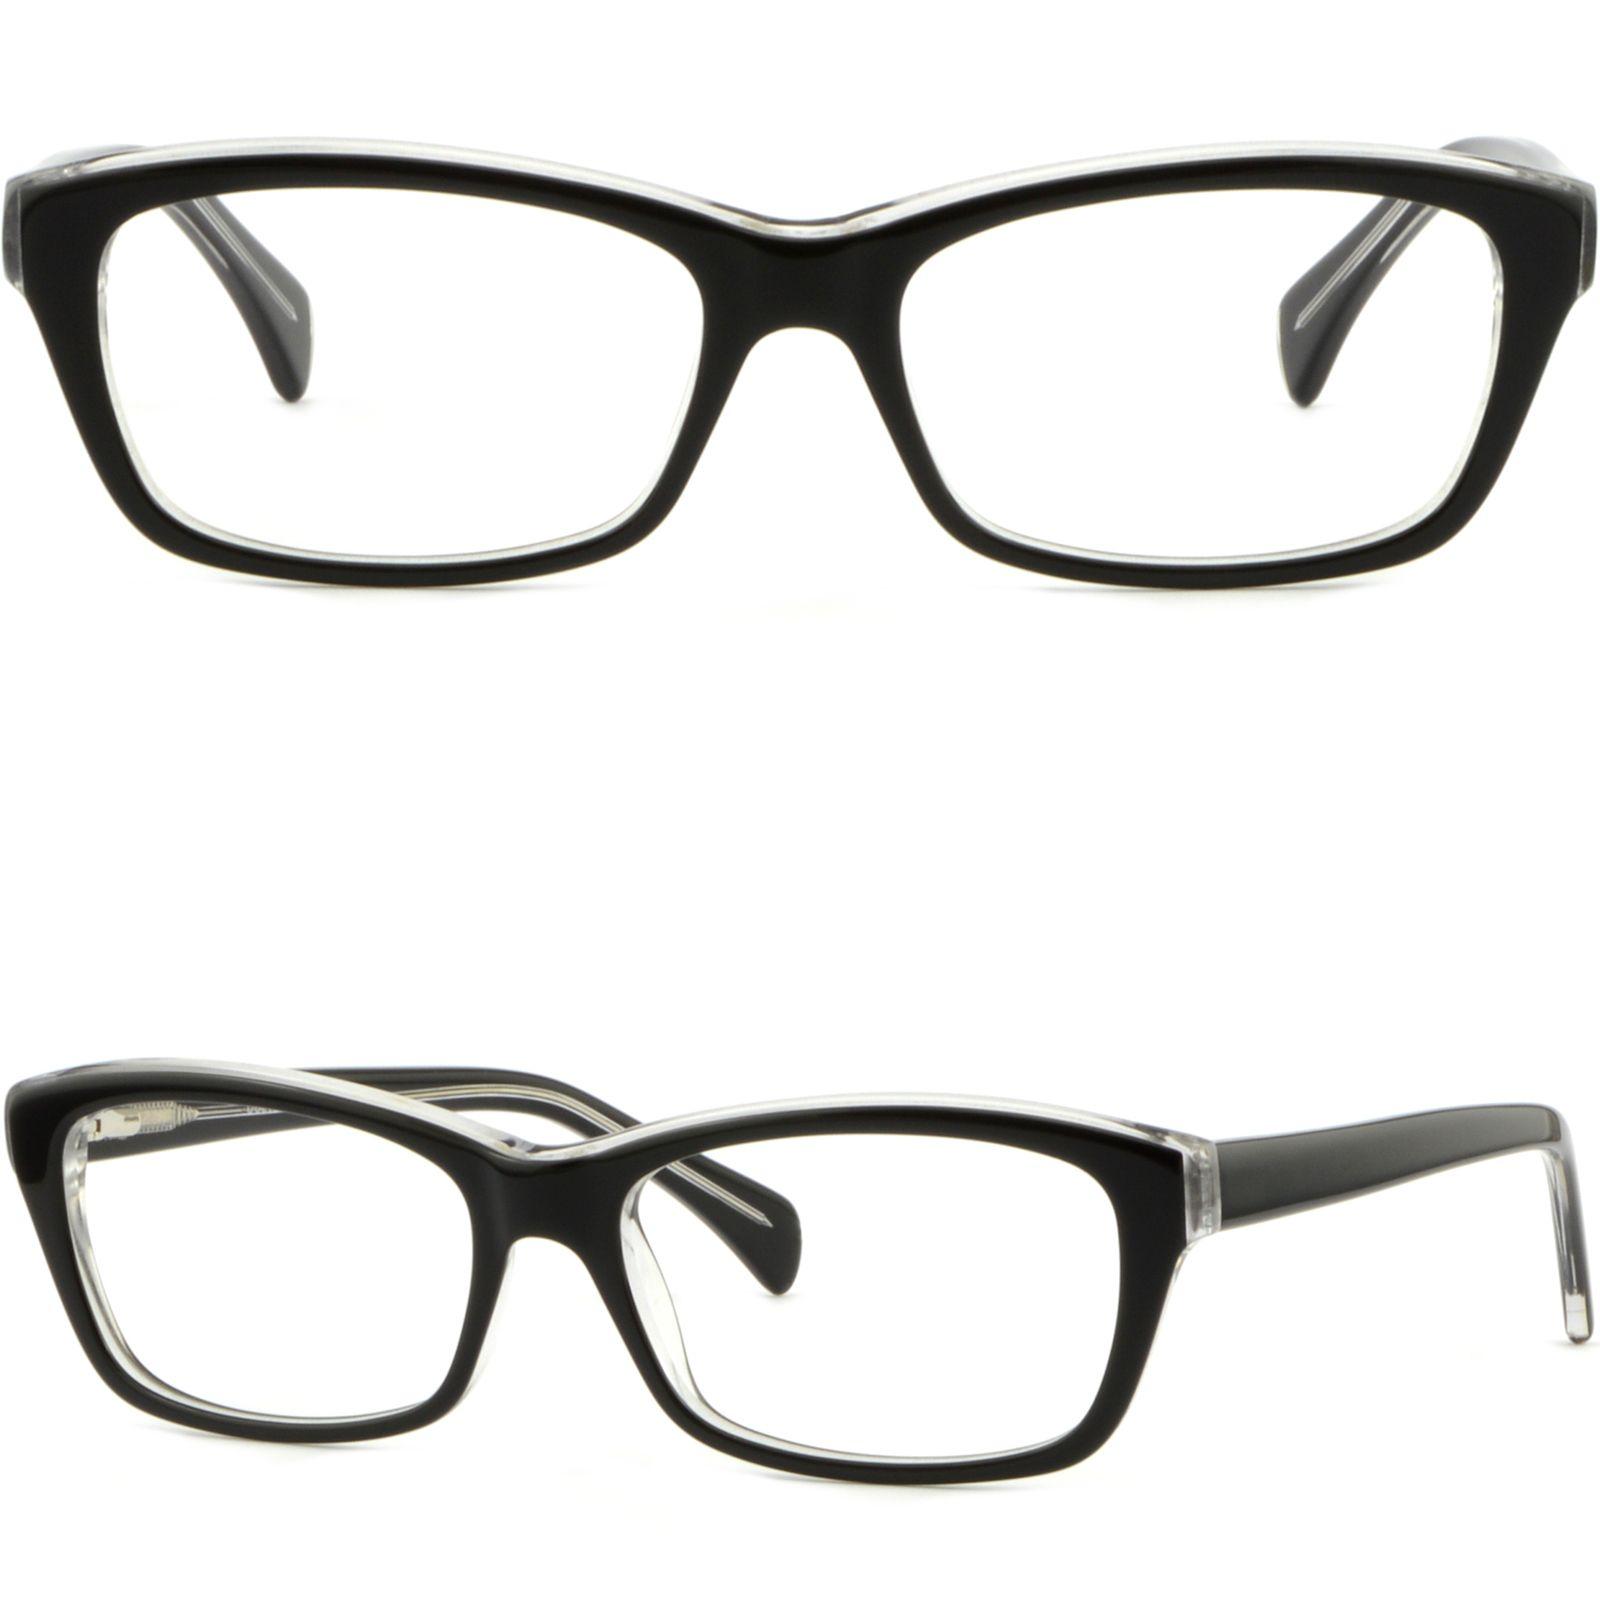 ea66702358d Rectangular Men Women Frame Spring Hinge Plastic Anti Glare Prescription Glasses  Glasses Frame Online with  23.9 Piece on Aceglasses s Store